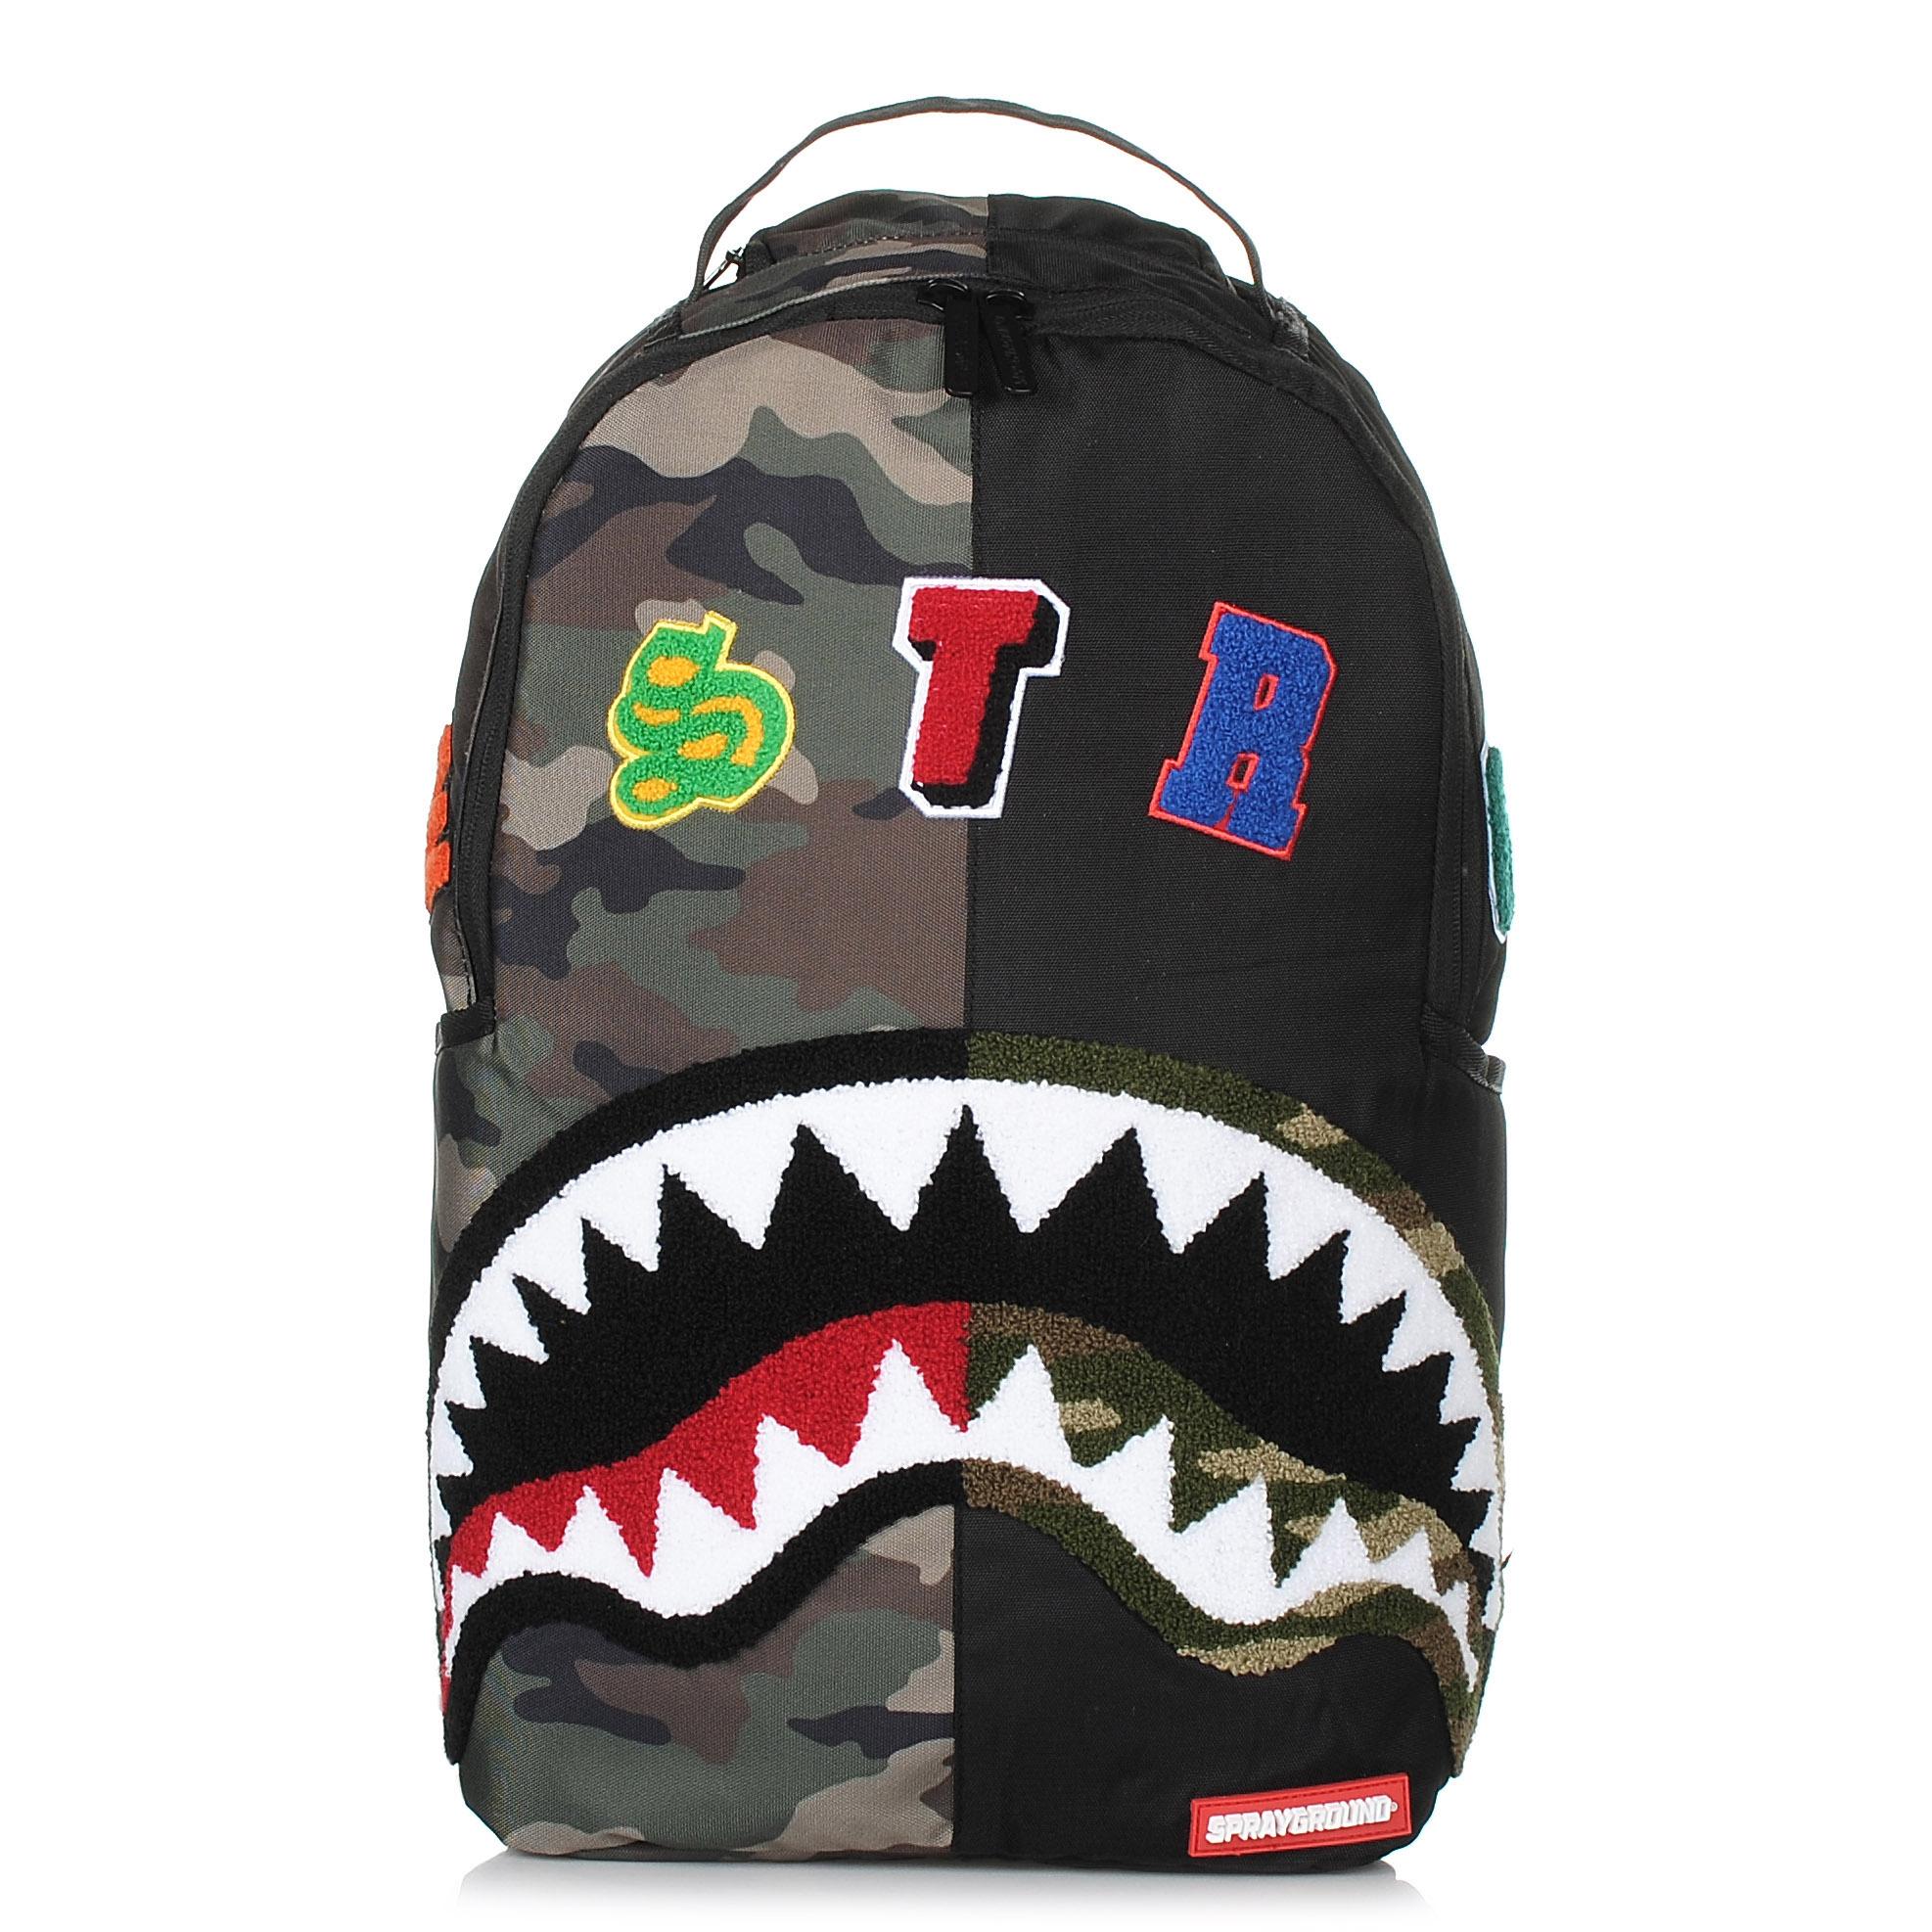 Σακίδιο Πλάτης Sprayground Camo Destroy Shark Backpack 910B1358NSZ ανδρας   σακίδιο πλάτης